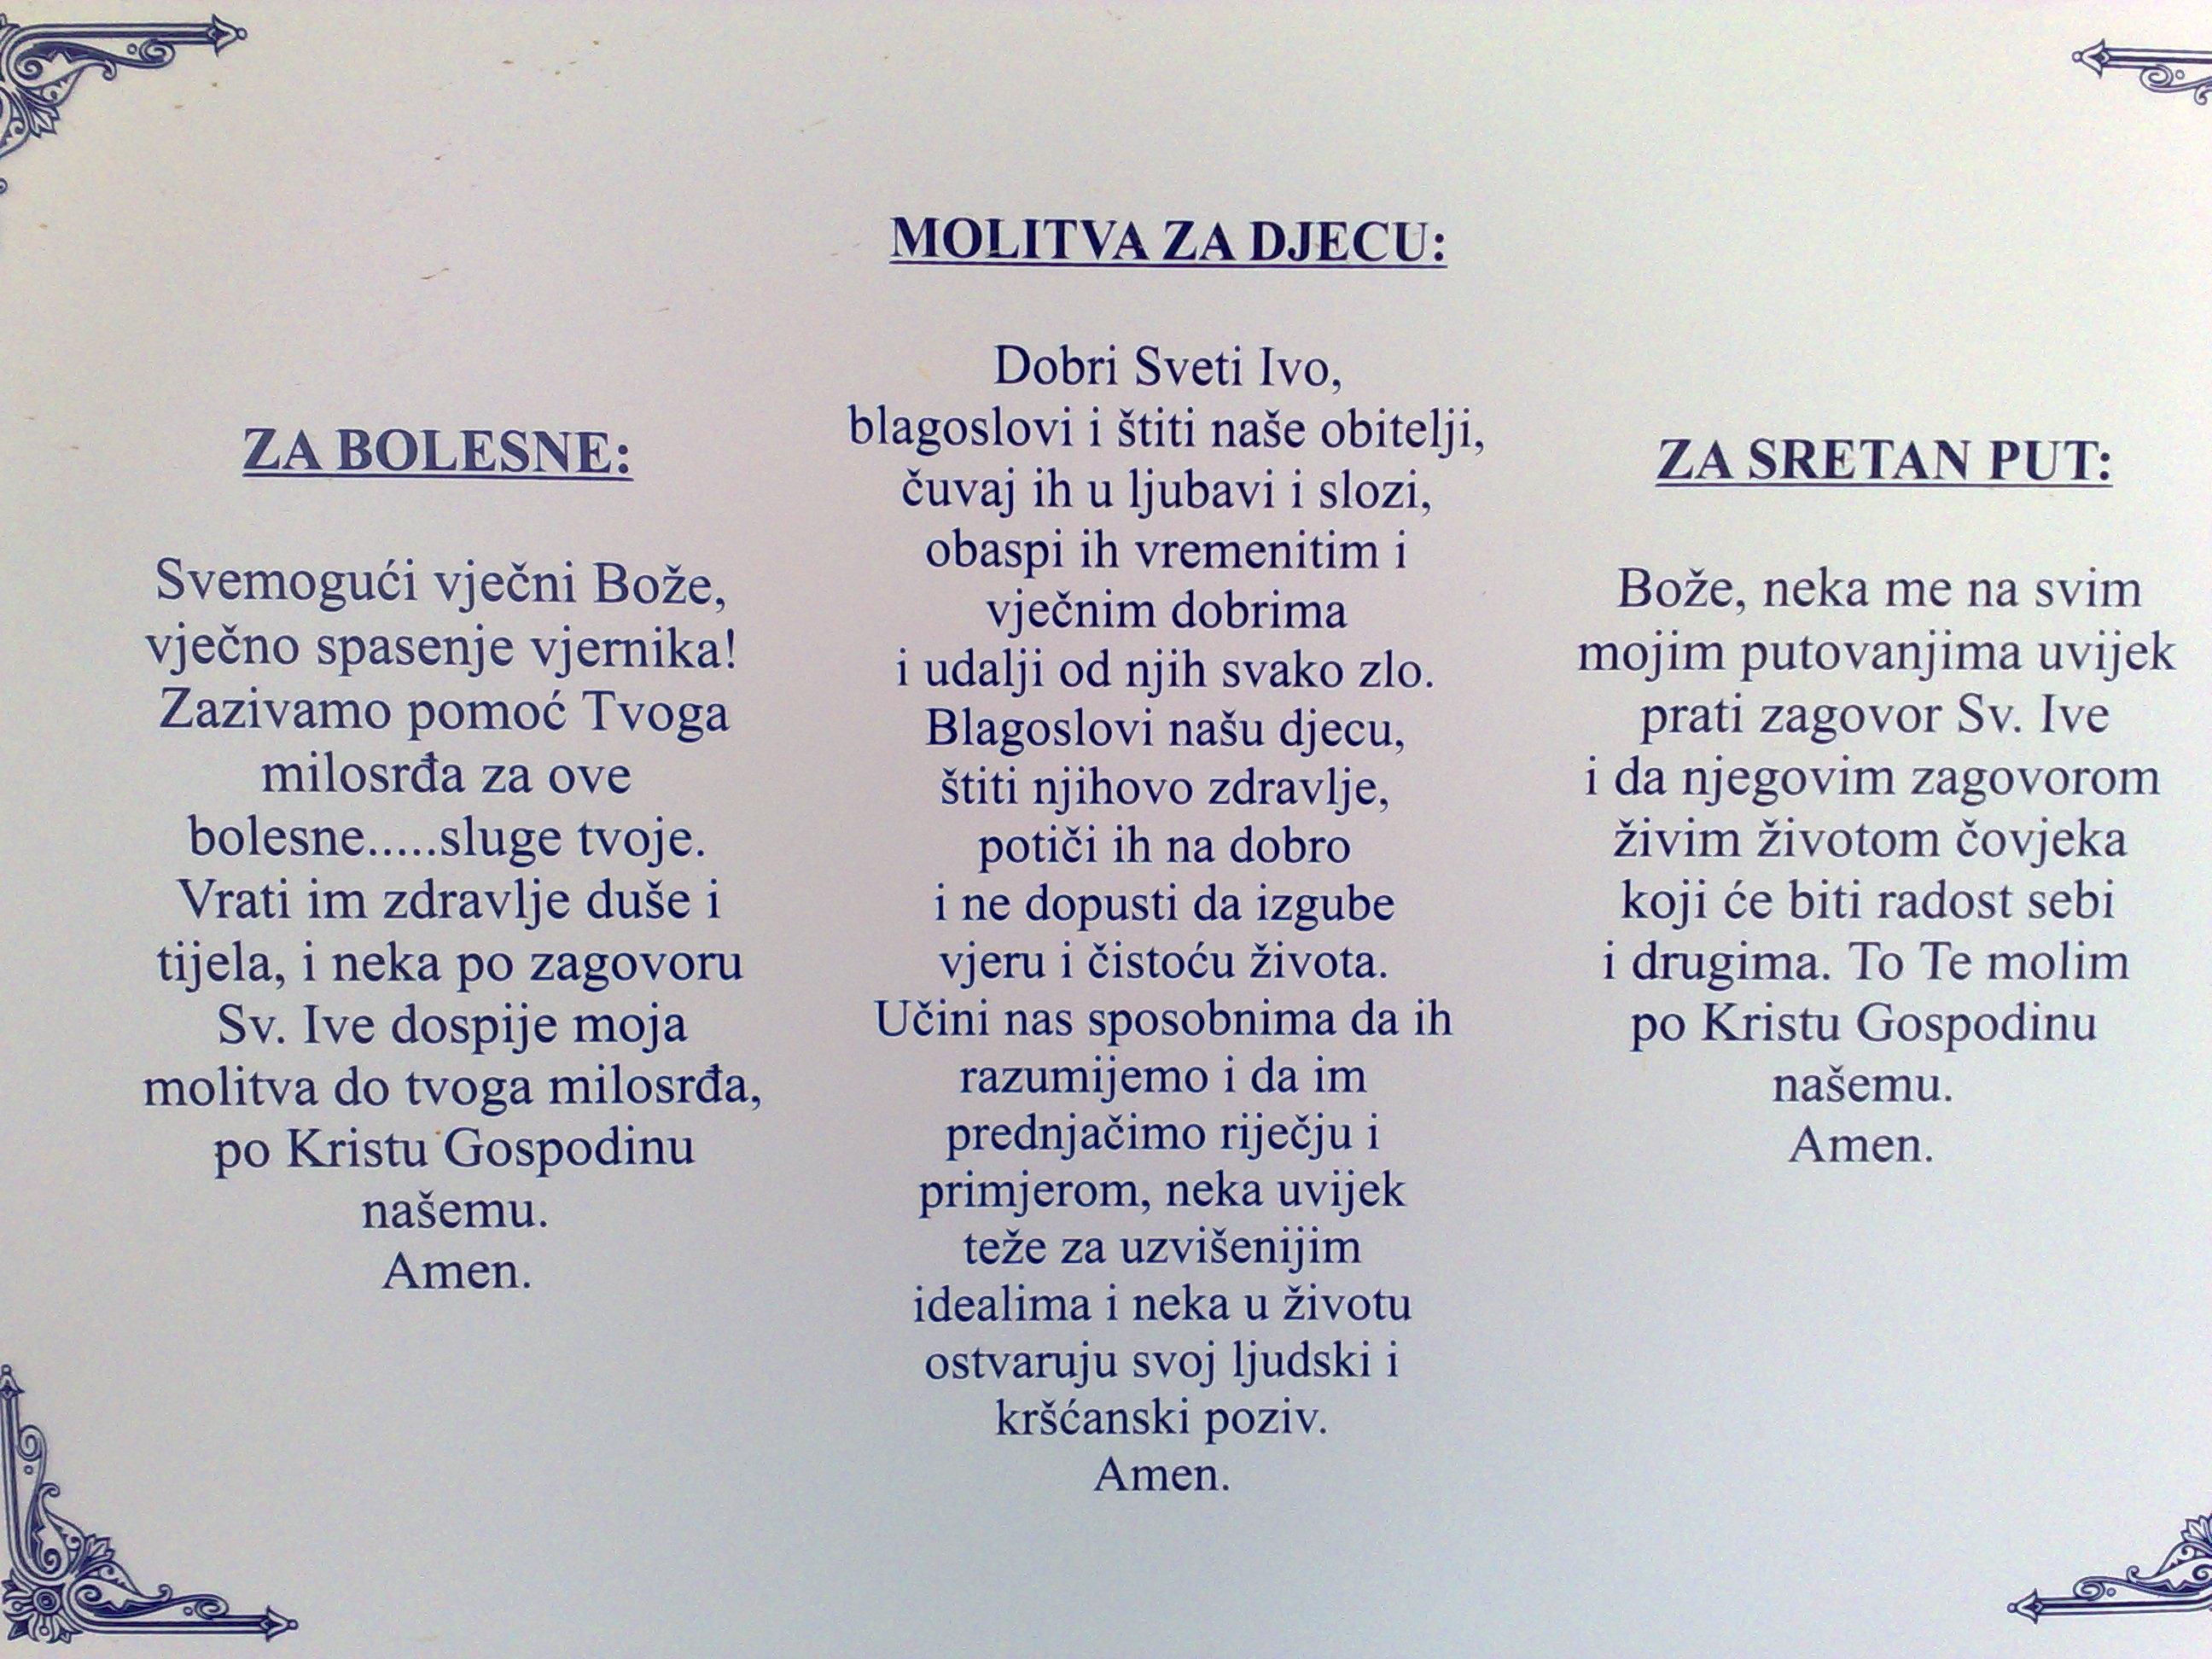 Molitve Sv. Ivi